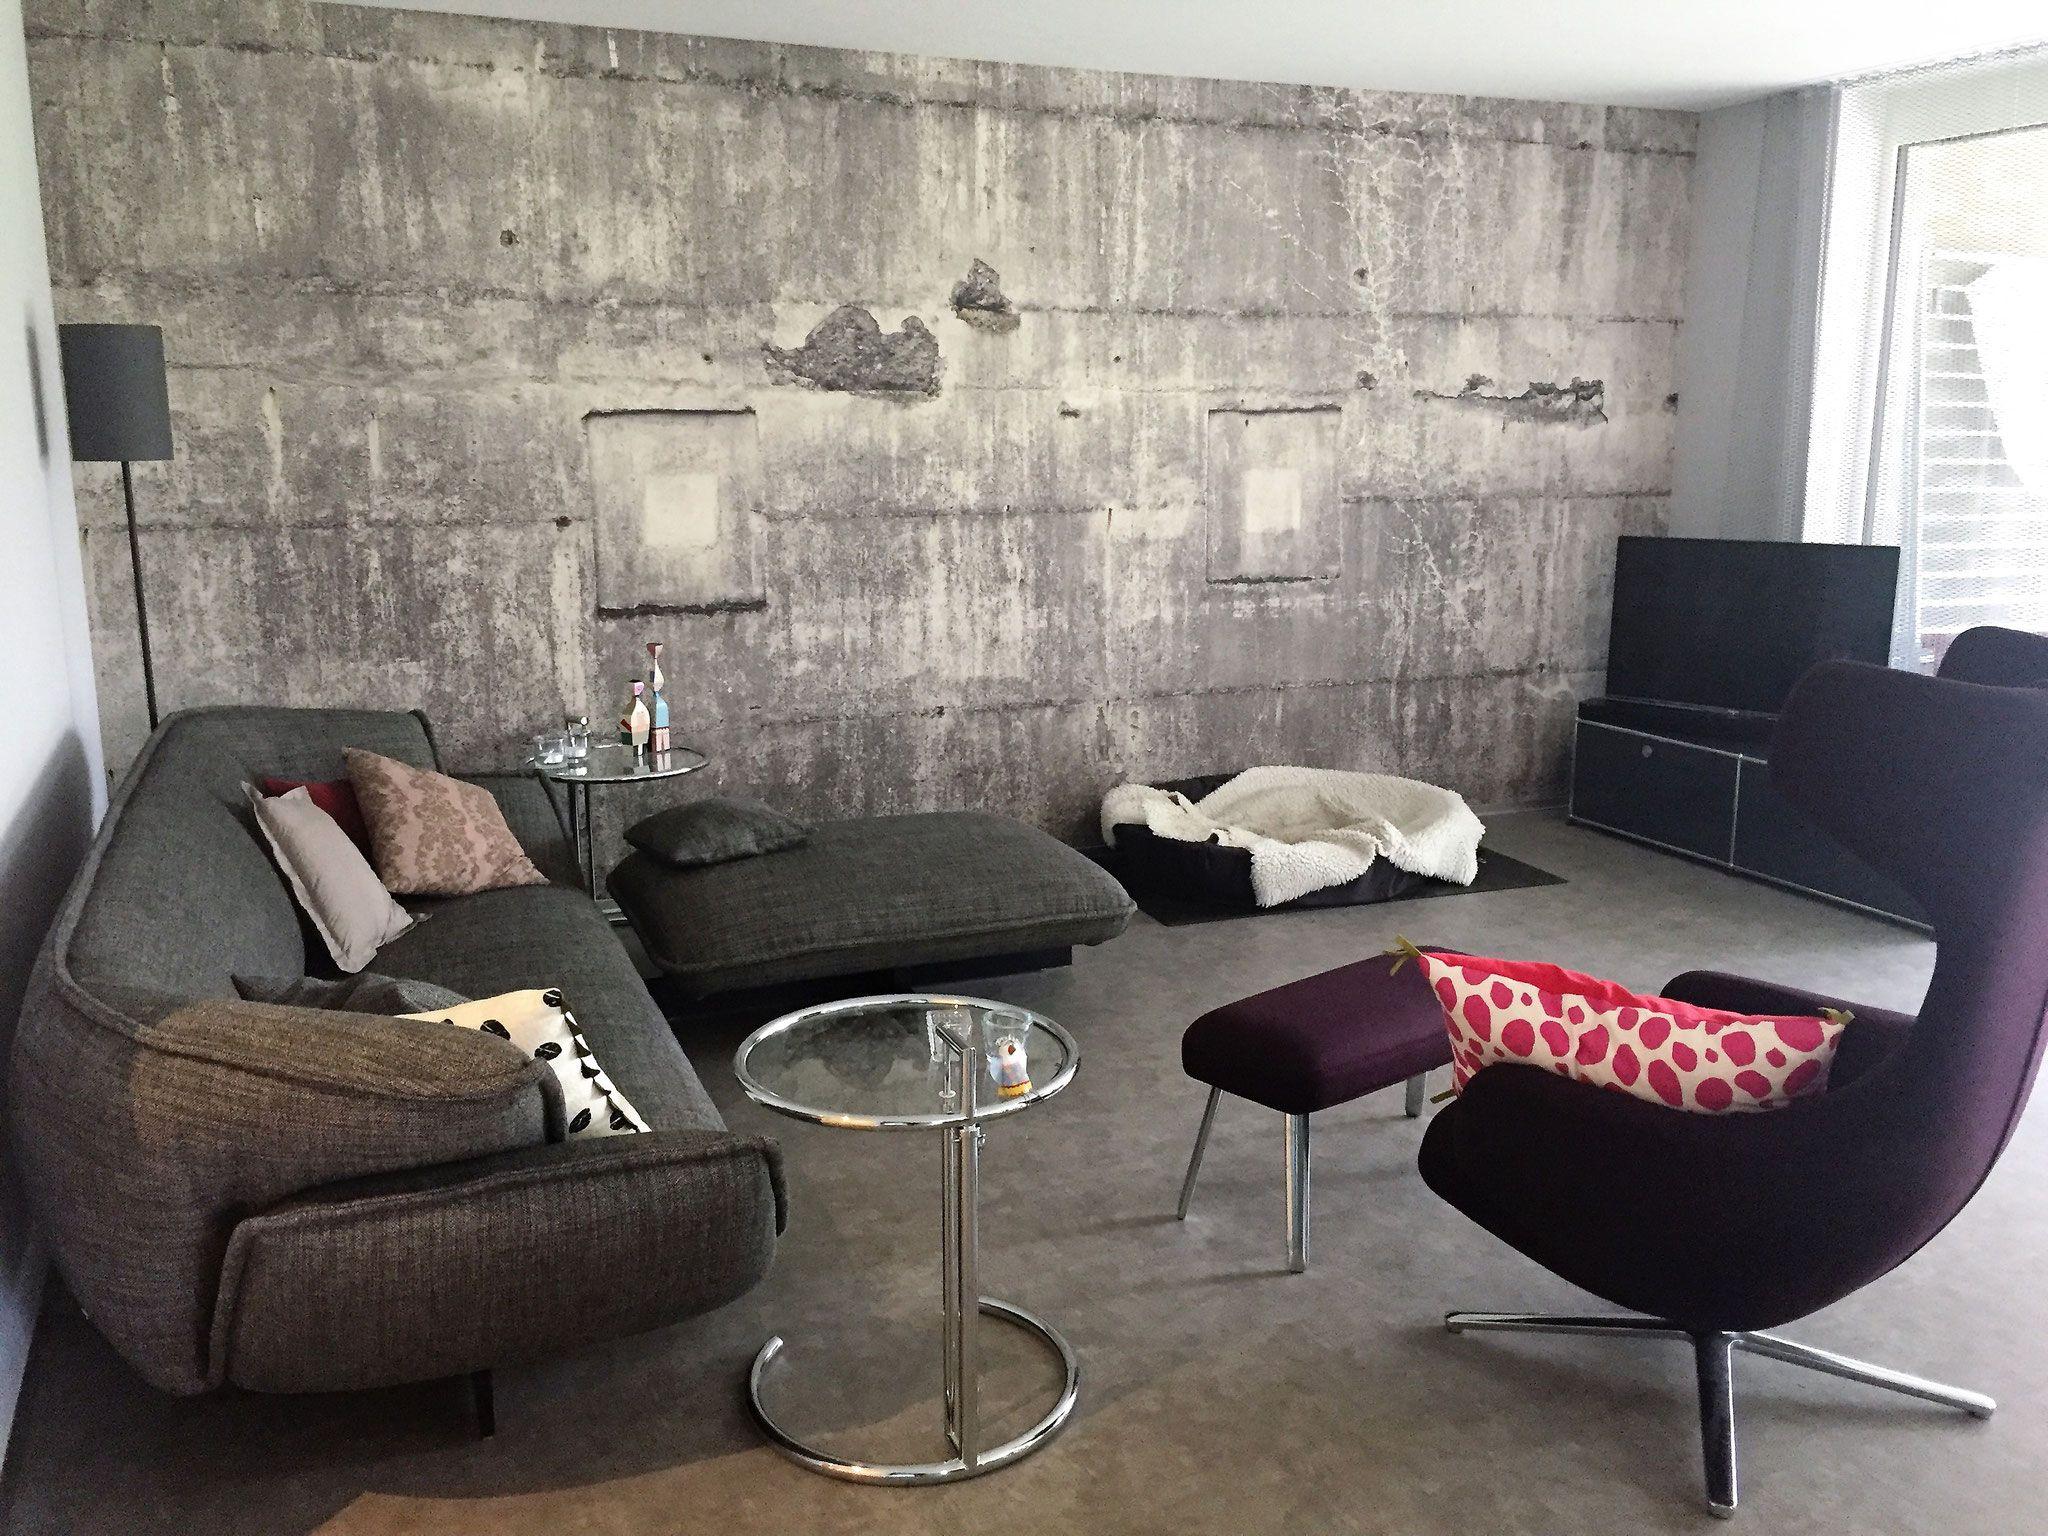 Farbkonzept Wohnzimmer ~ Vorschlag farbkonzept eingangsbereich minimalistisch wohnen mit